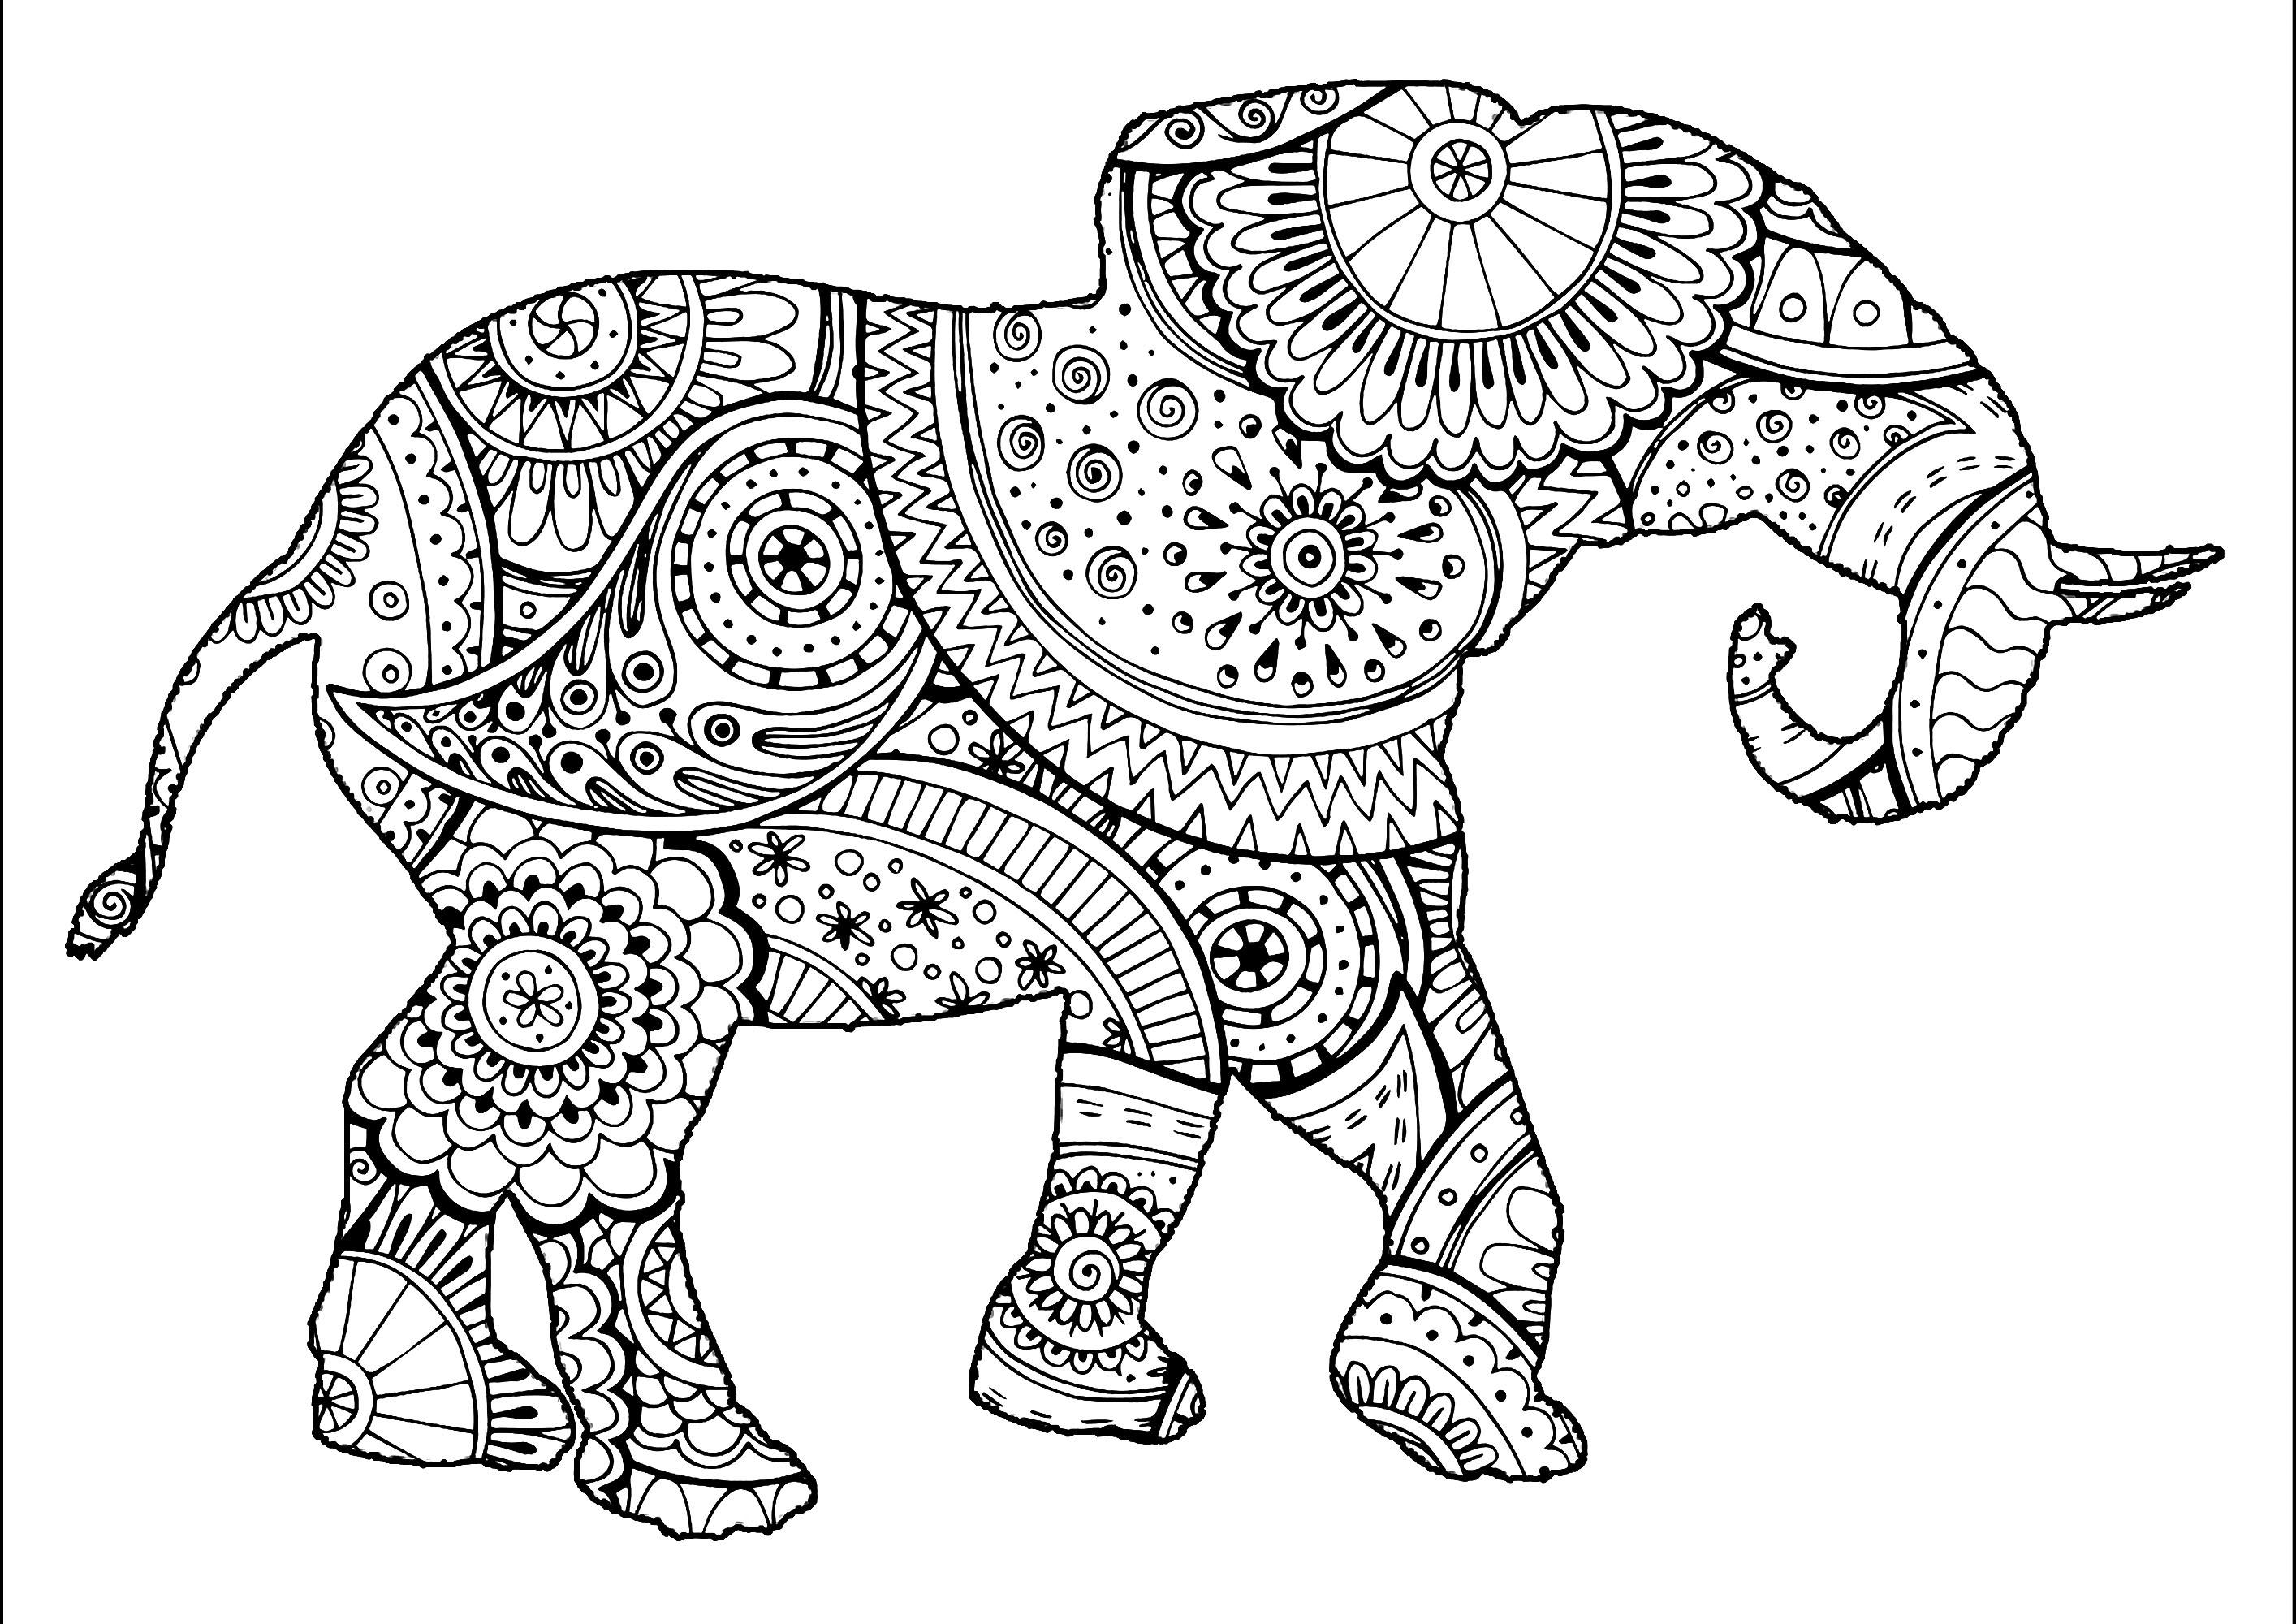 Tranh tô màu họa tiết hoa văn chú voi rất đẹp